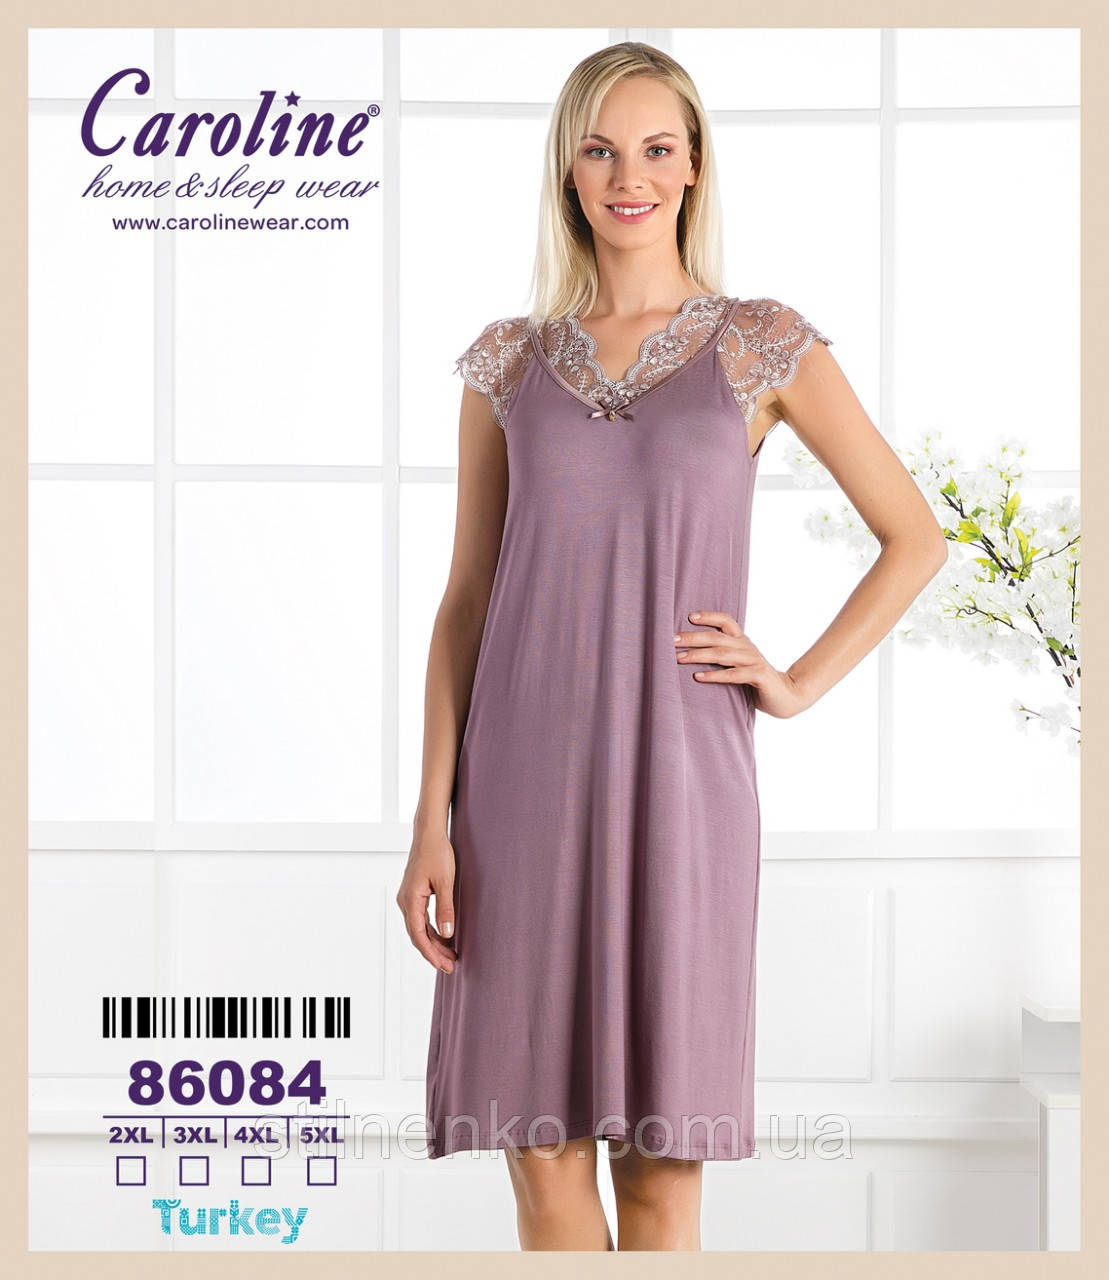 """Ночная сорочка с кружевом """"Caroline"""" батал Турция"""